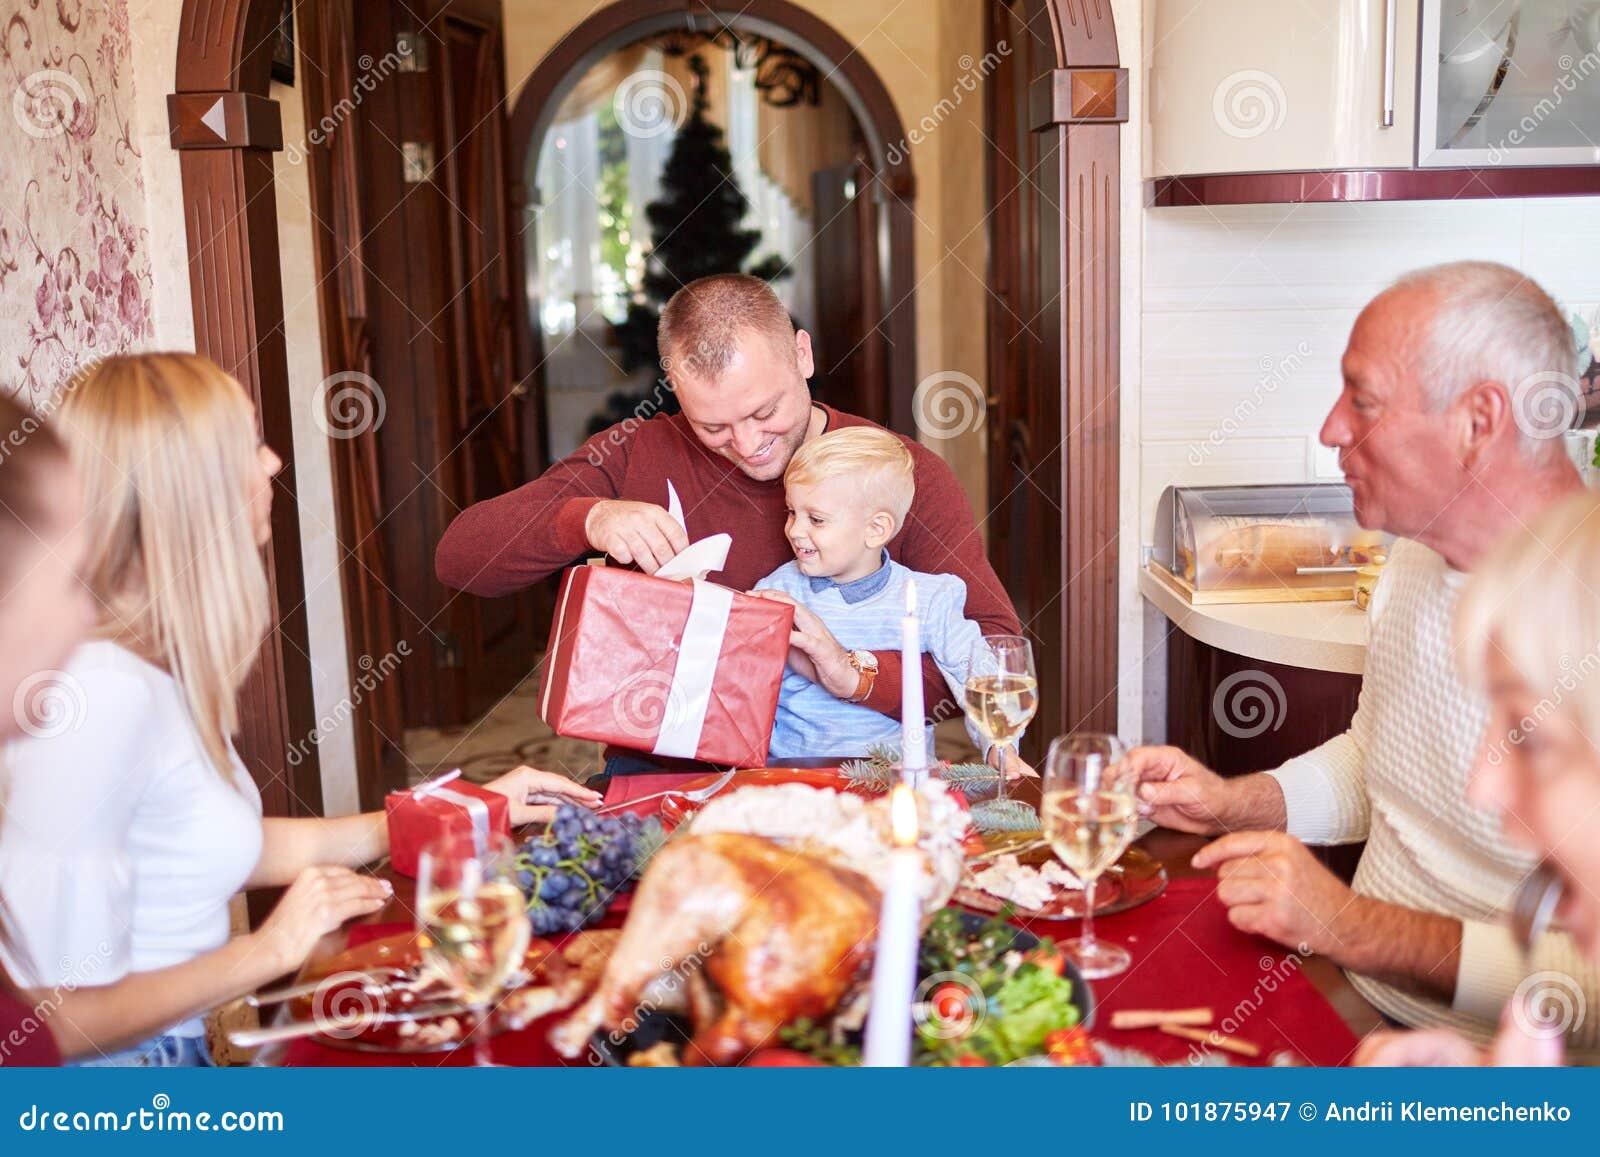 Μπαμπάς που δίνει ένα κόκκινο δώρο σε λίγο γιο σε ένα festivebackground Έννοια οικογενειακών χριστουγεννιάτικων δώρων